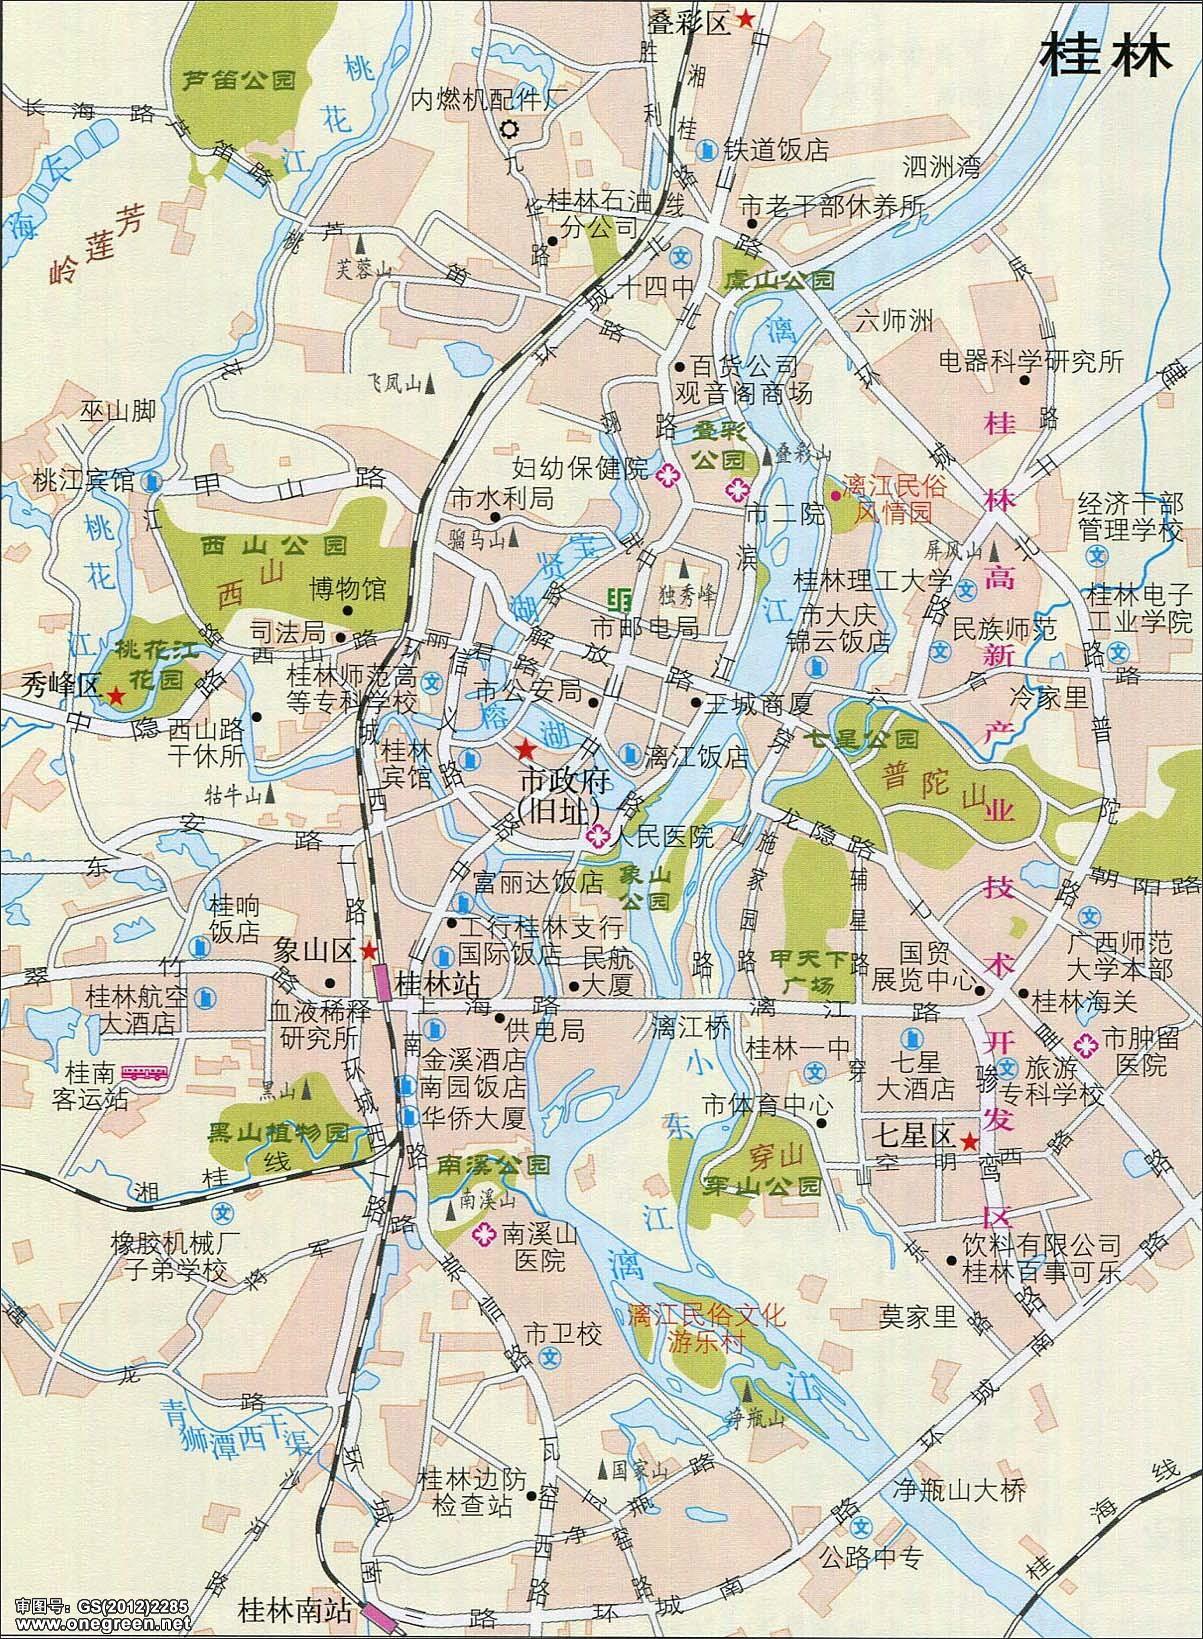 贵港市地图 - 贵港市最新高清卫星地图 - 贵港市、市、县、村...